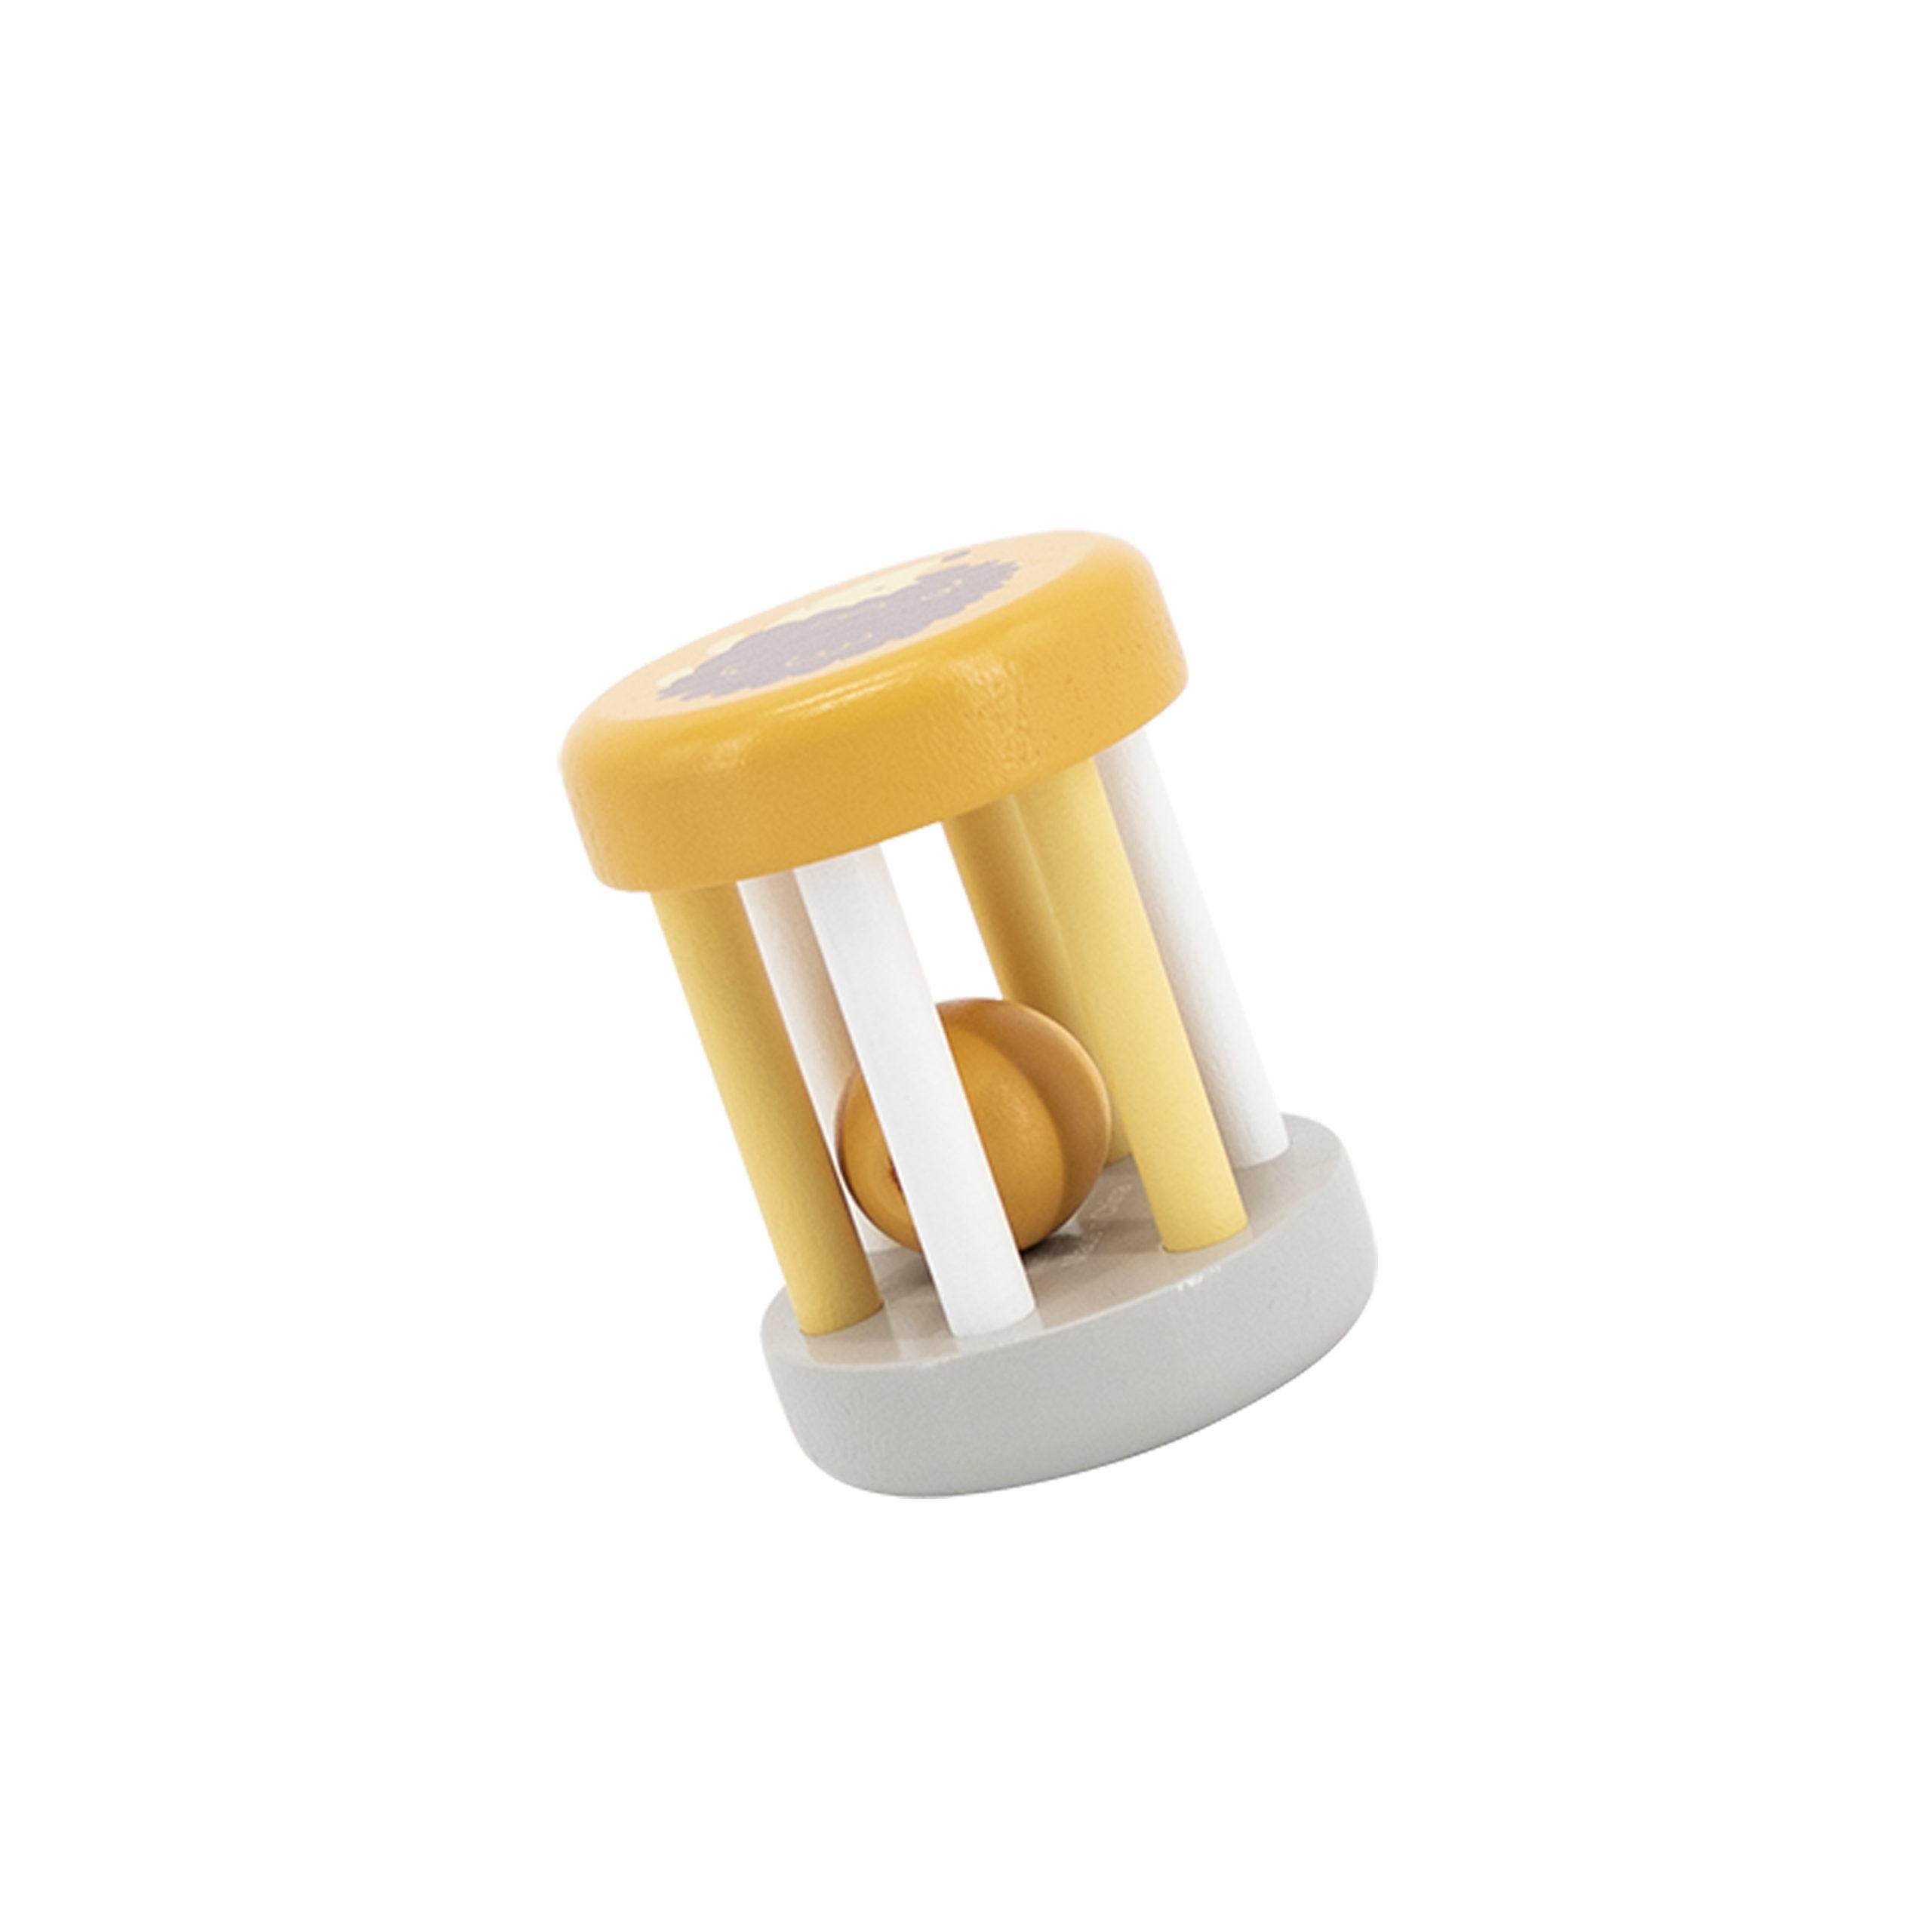 Viga toys дървена дрънкалка жълта-bellamiestore